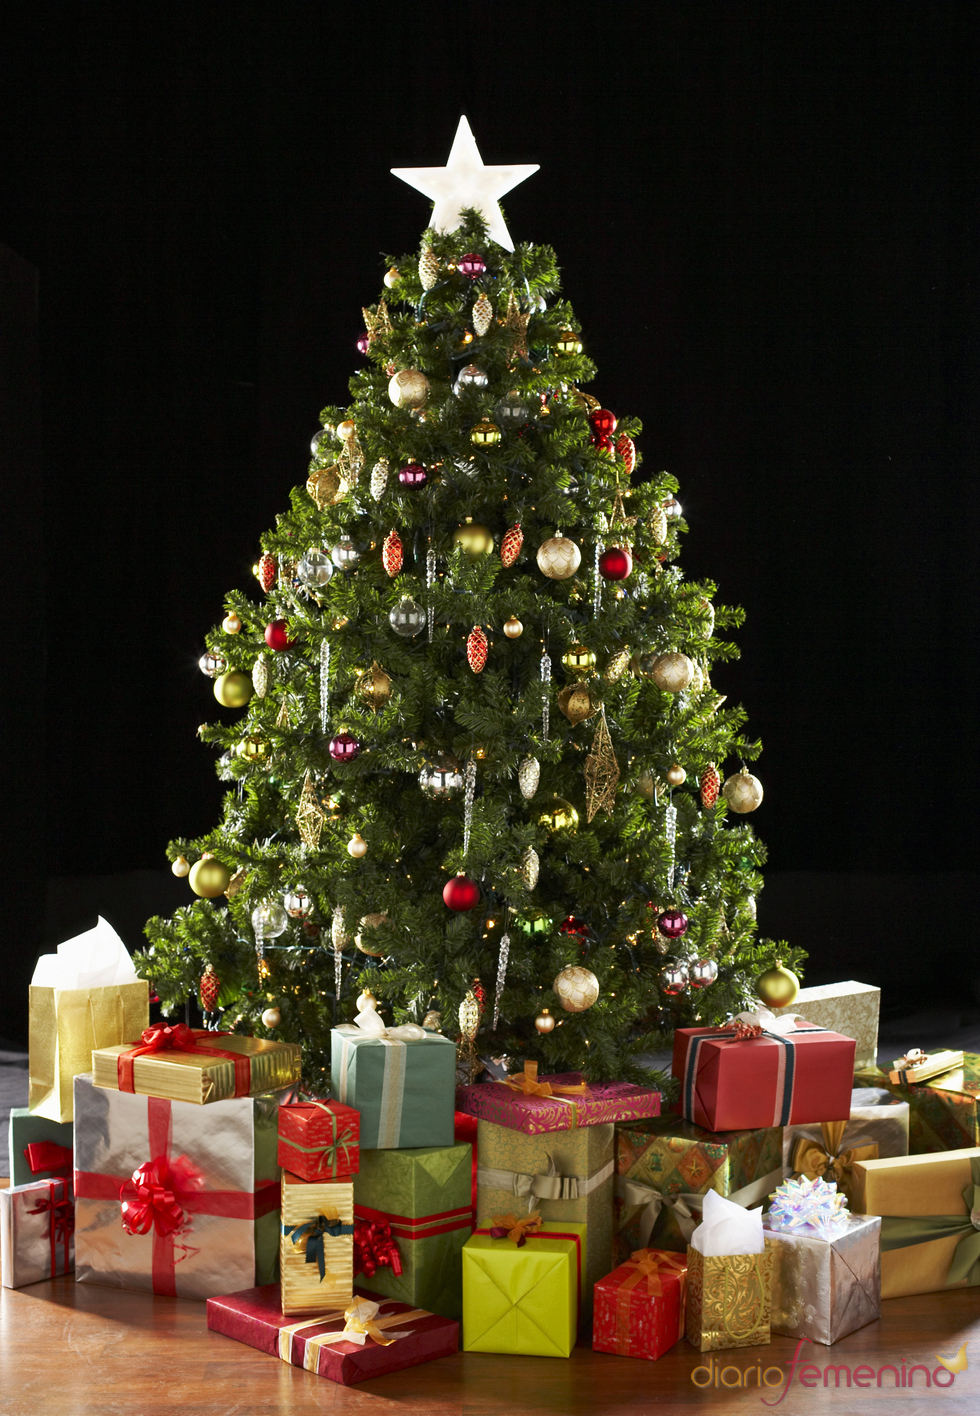 Historia del rbol de navidad puri2aprendiendovida - Albol de navidad ...